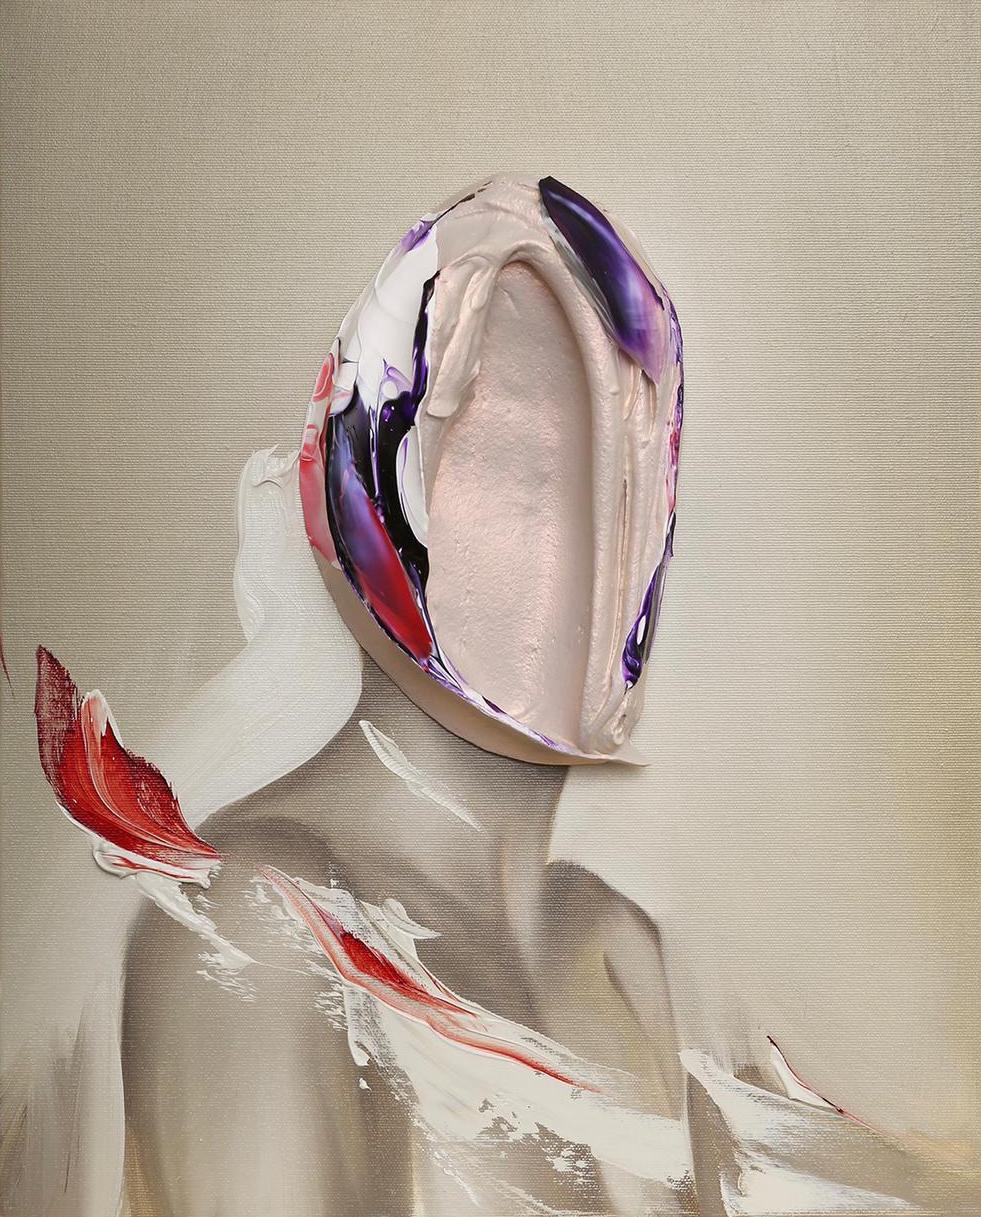 Untitled #1 by Fabio La Fauci